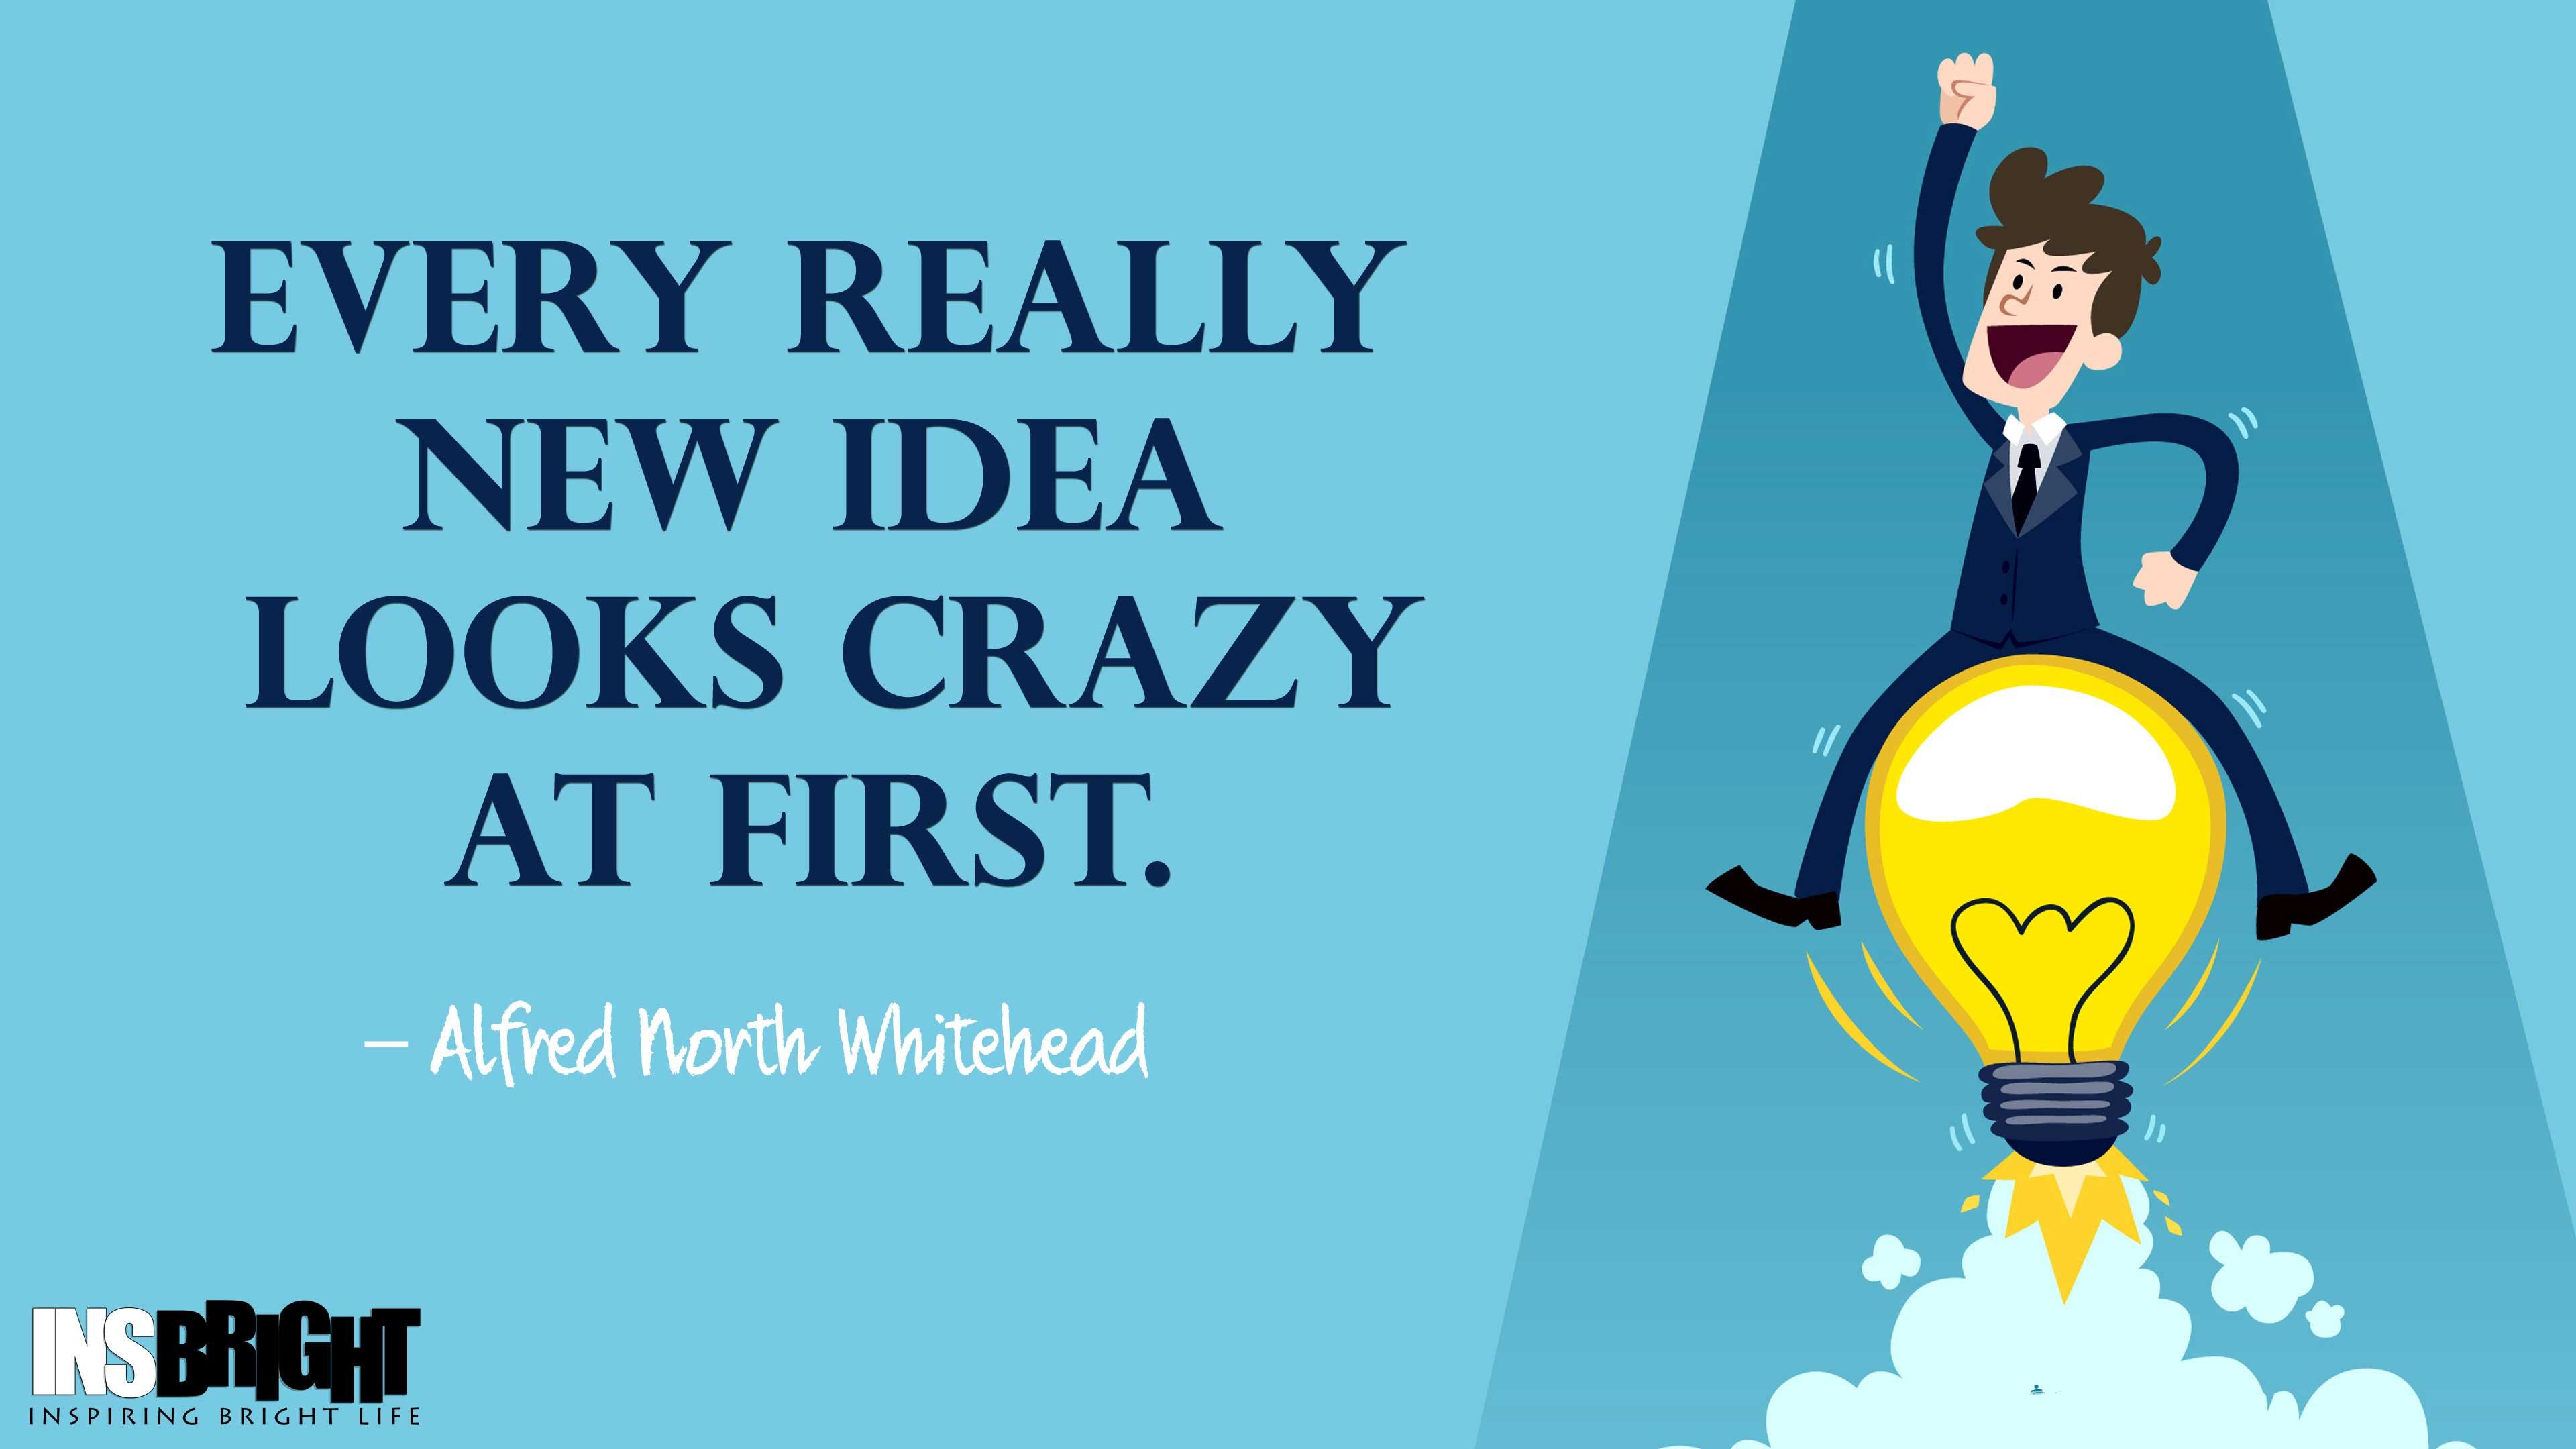 IDEA Quotes Like Success